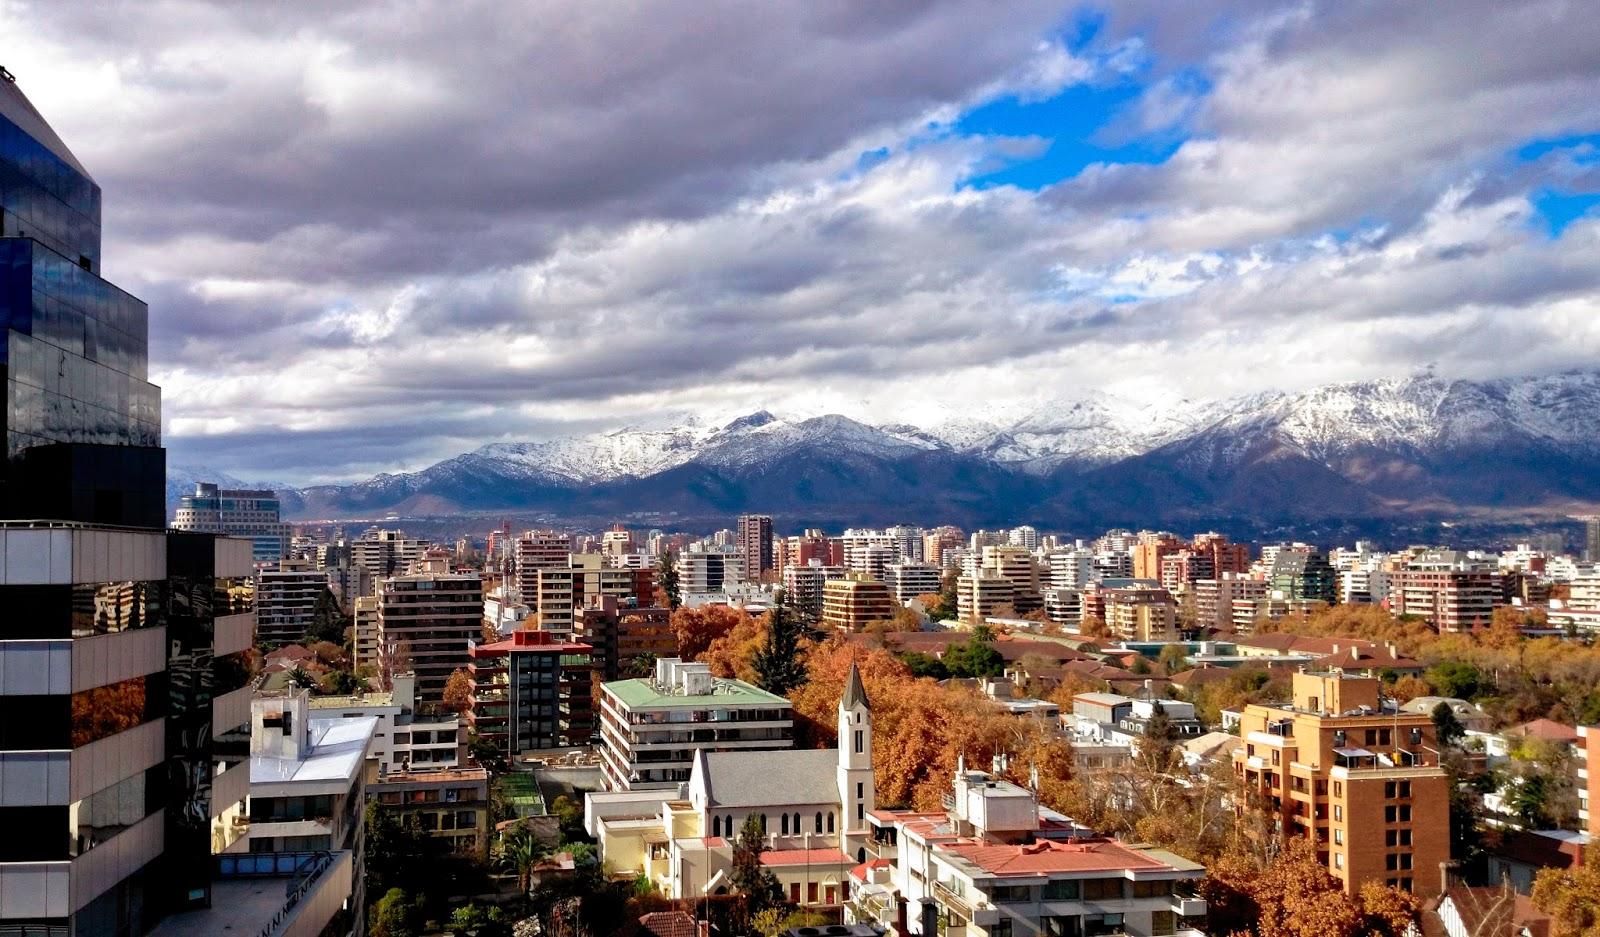 chile - photo #6